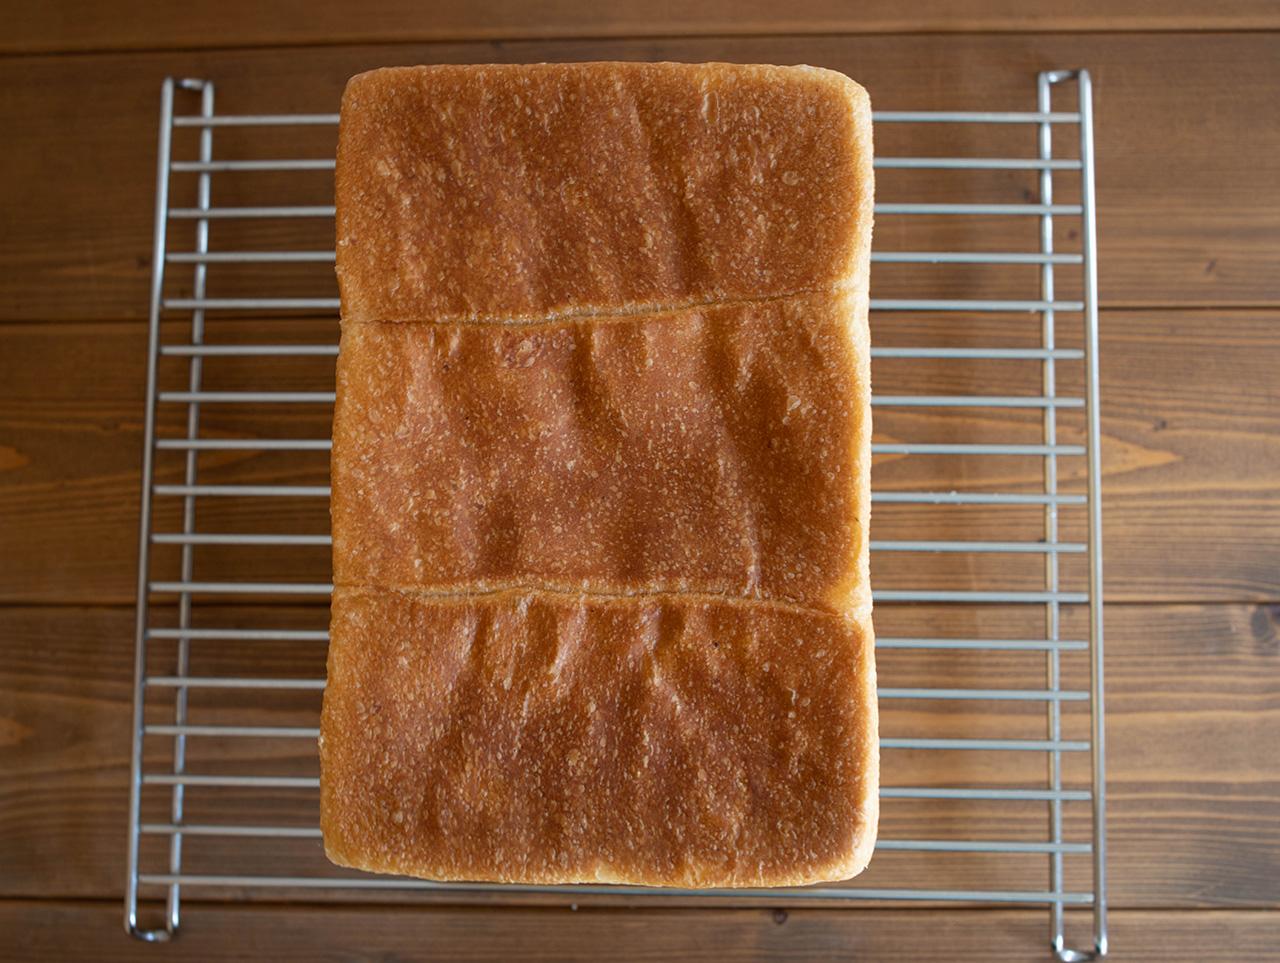 フルーツ酵母で角食パン